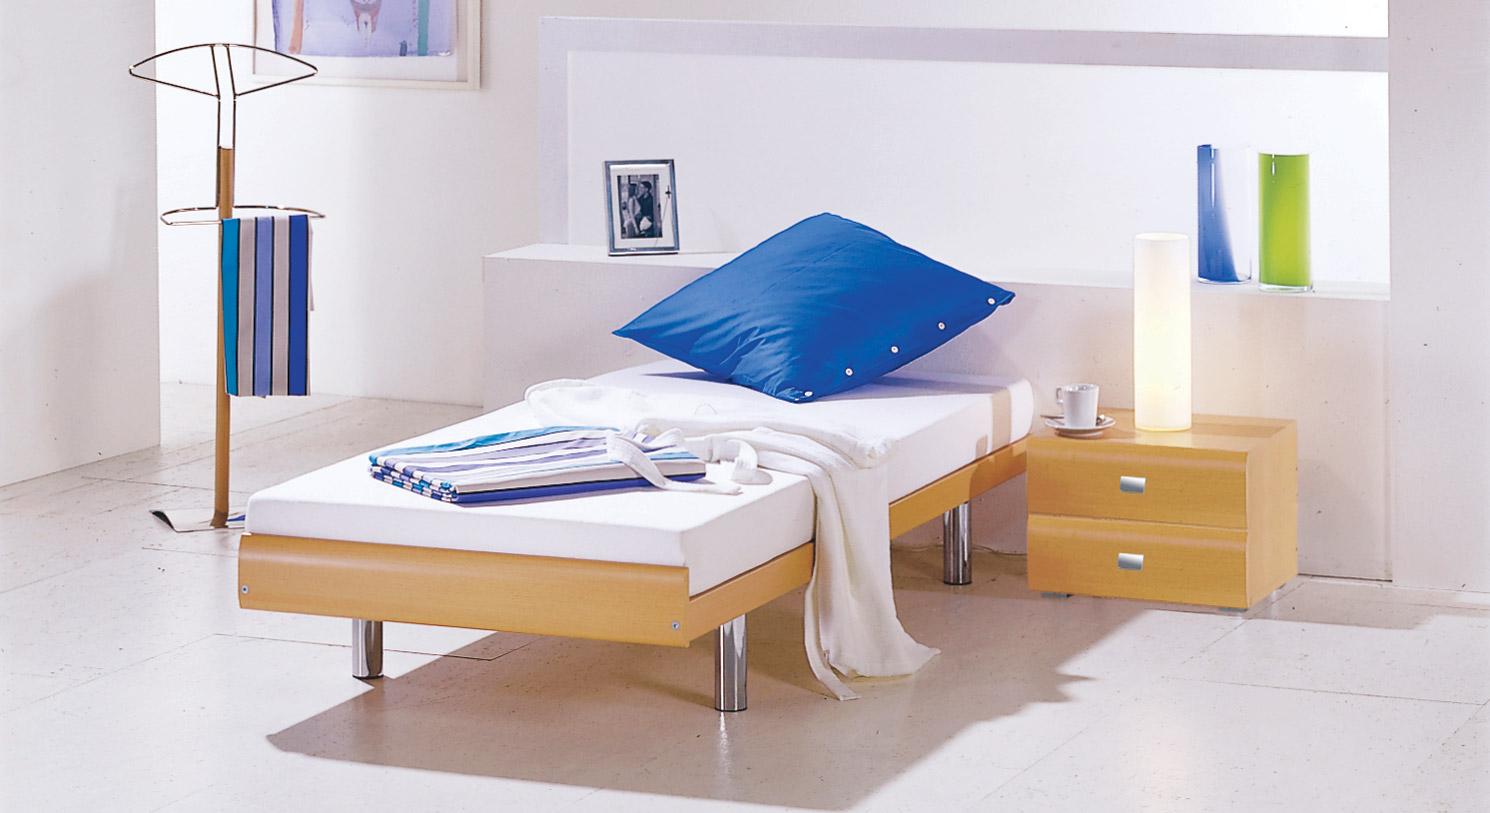 das einzelbett in 90x 200 cm gr e als g stebett bett bilbao. Black Bedroom Furniture Sets. Home Design Ideas